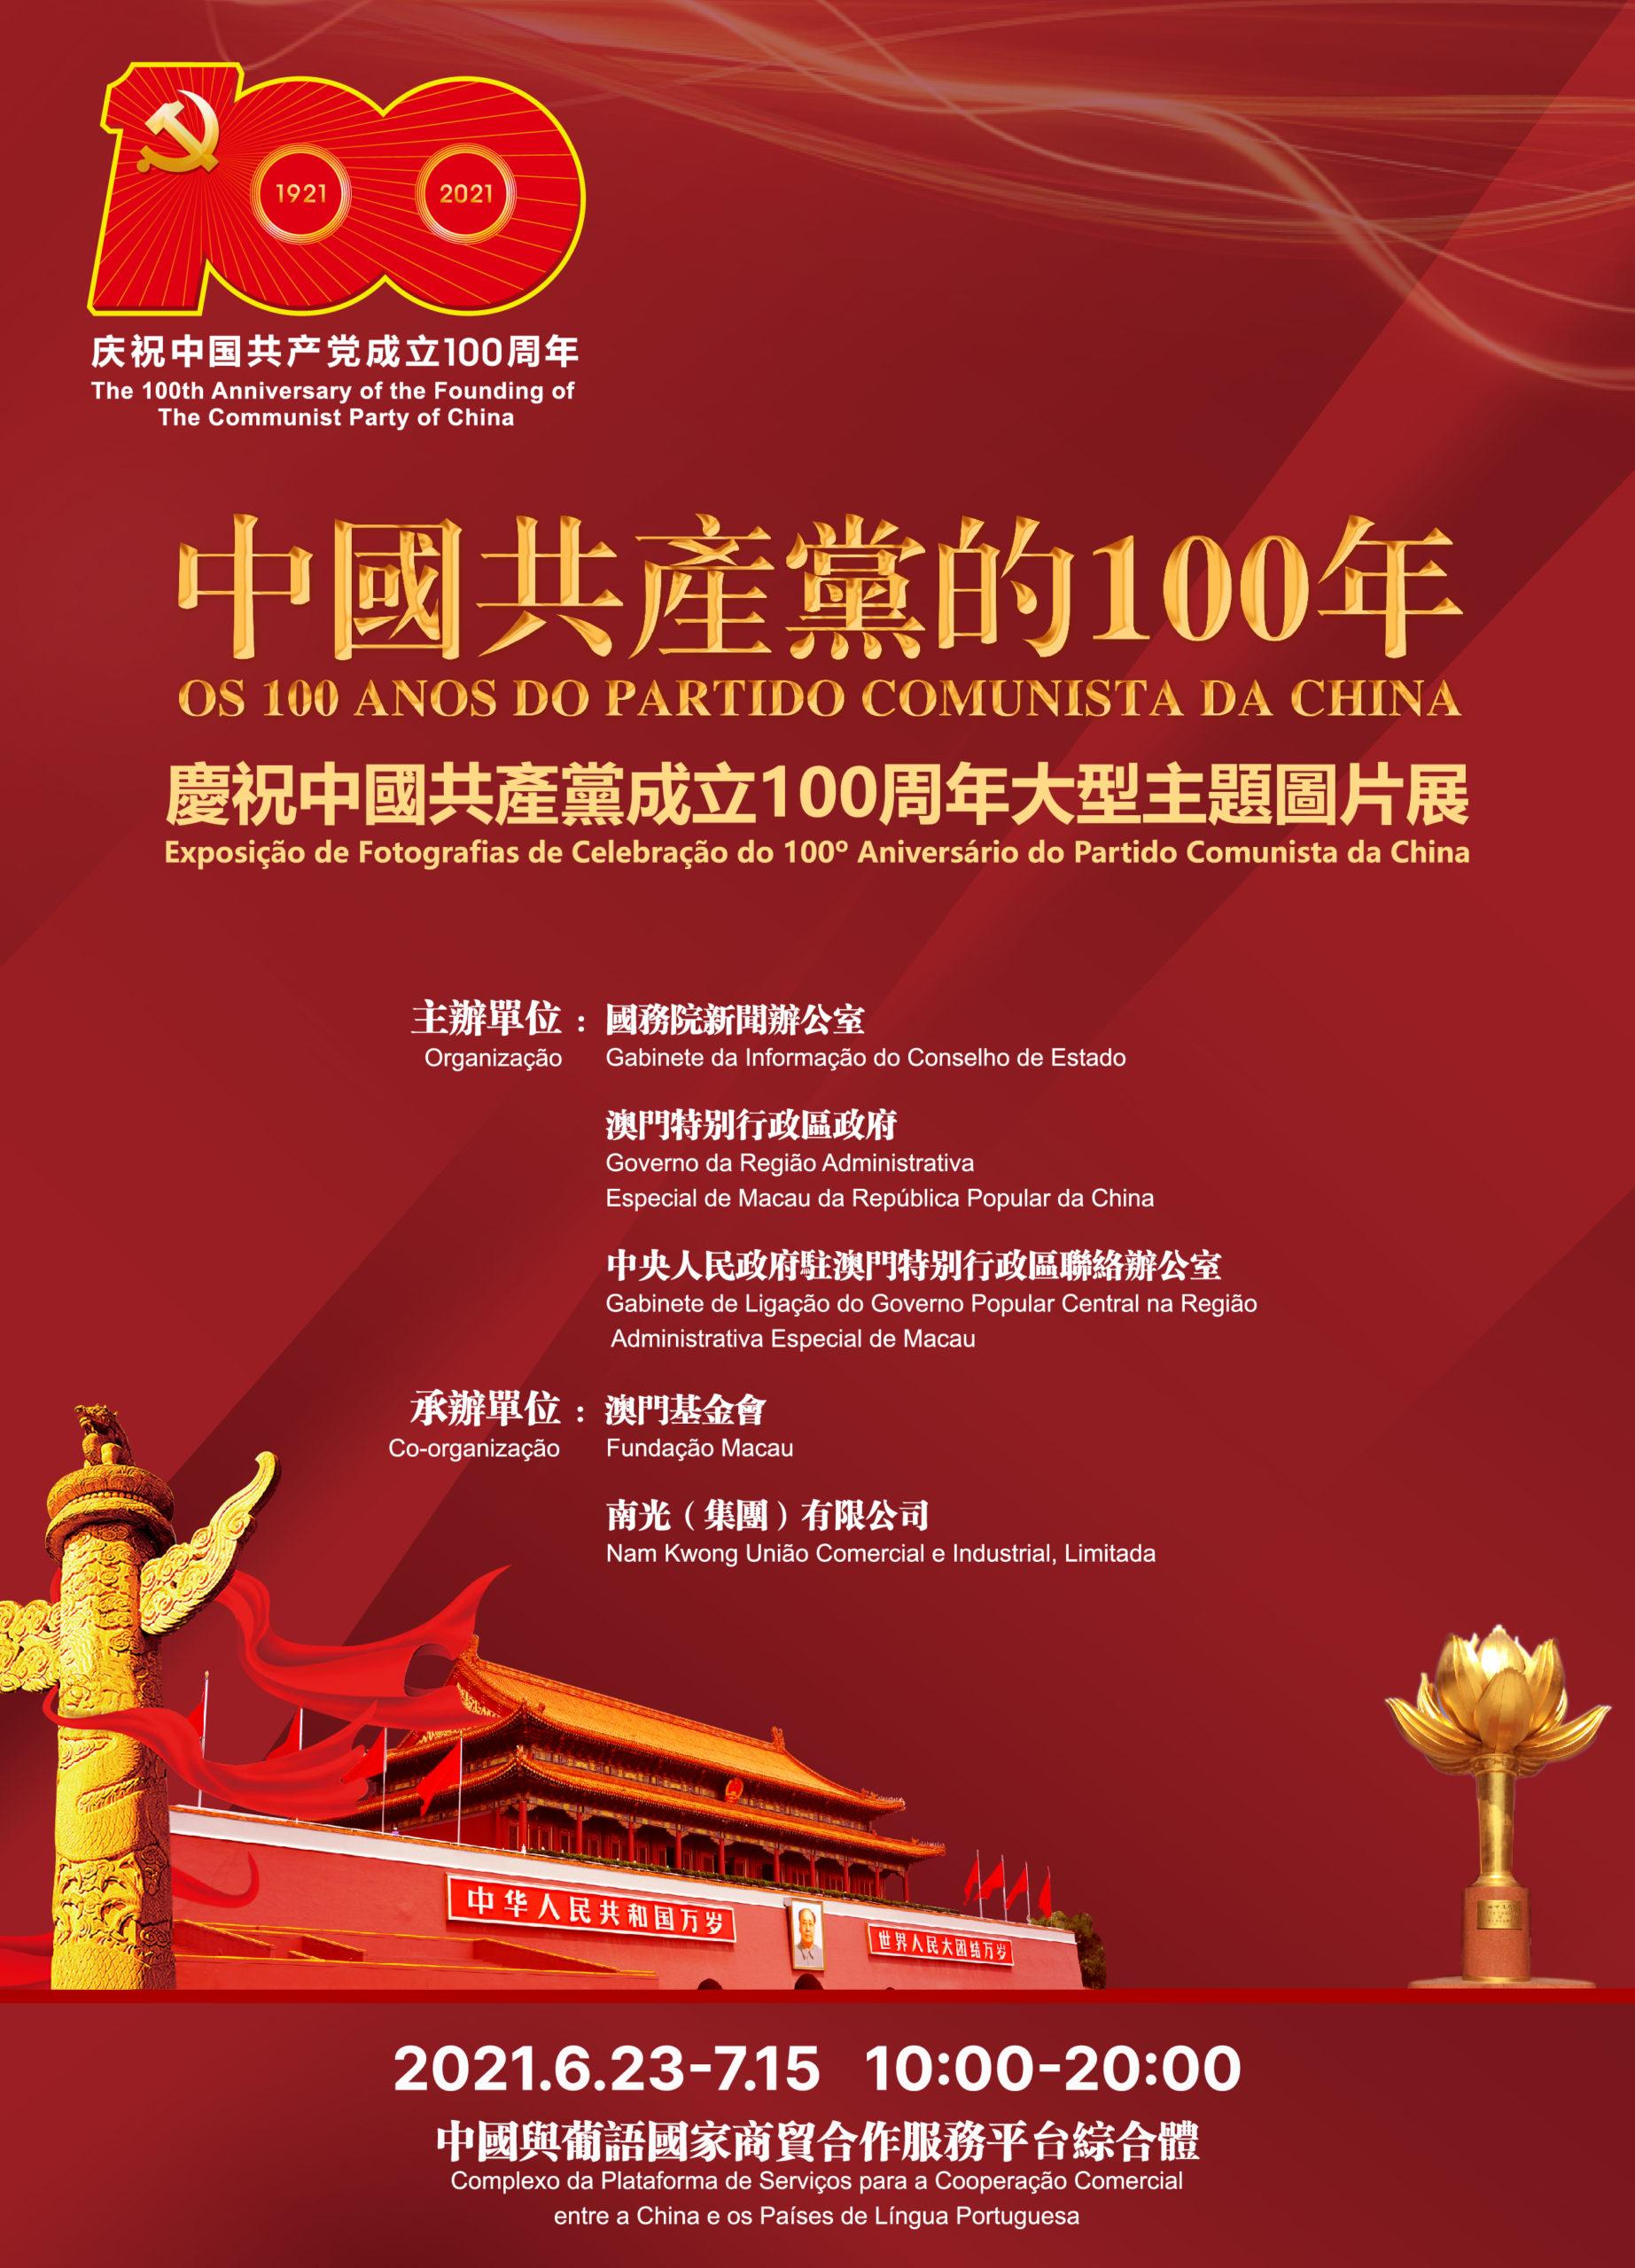 Exposição de fotografias assinala em Macau 100 anos do Partido Comunista Chinês